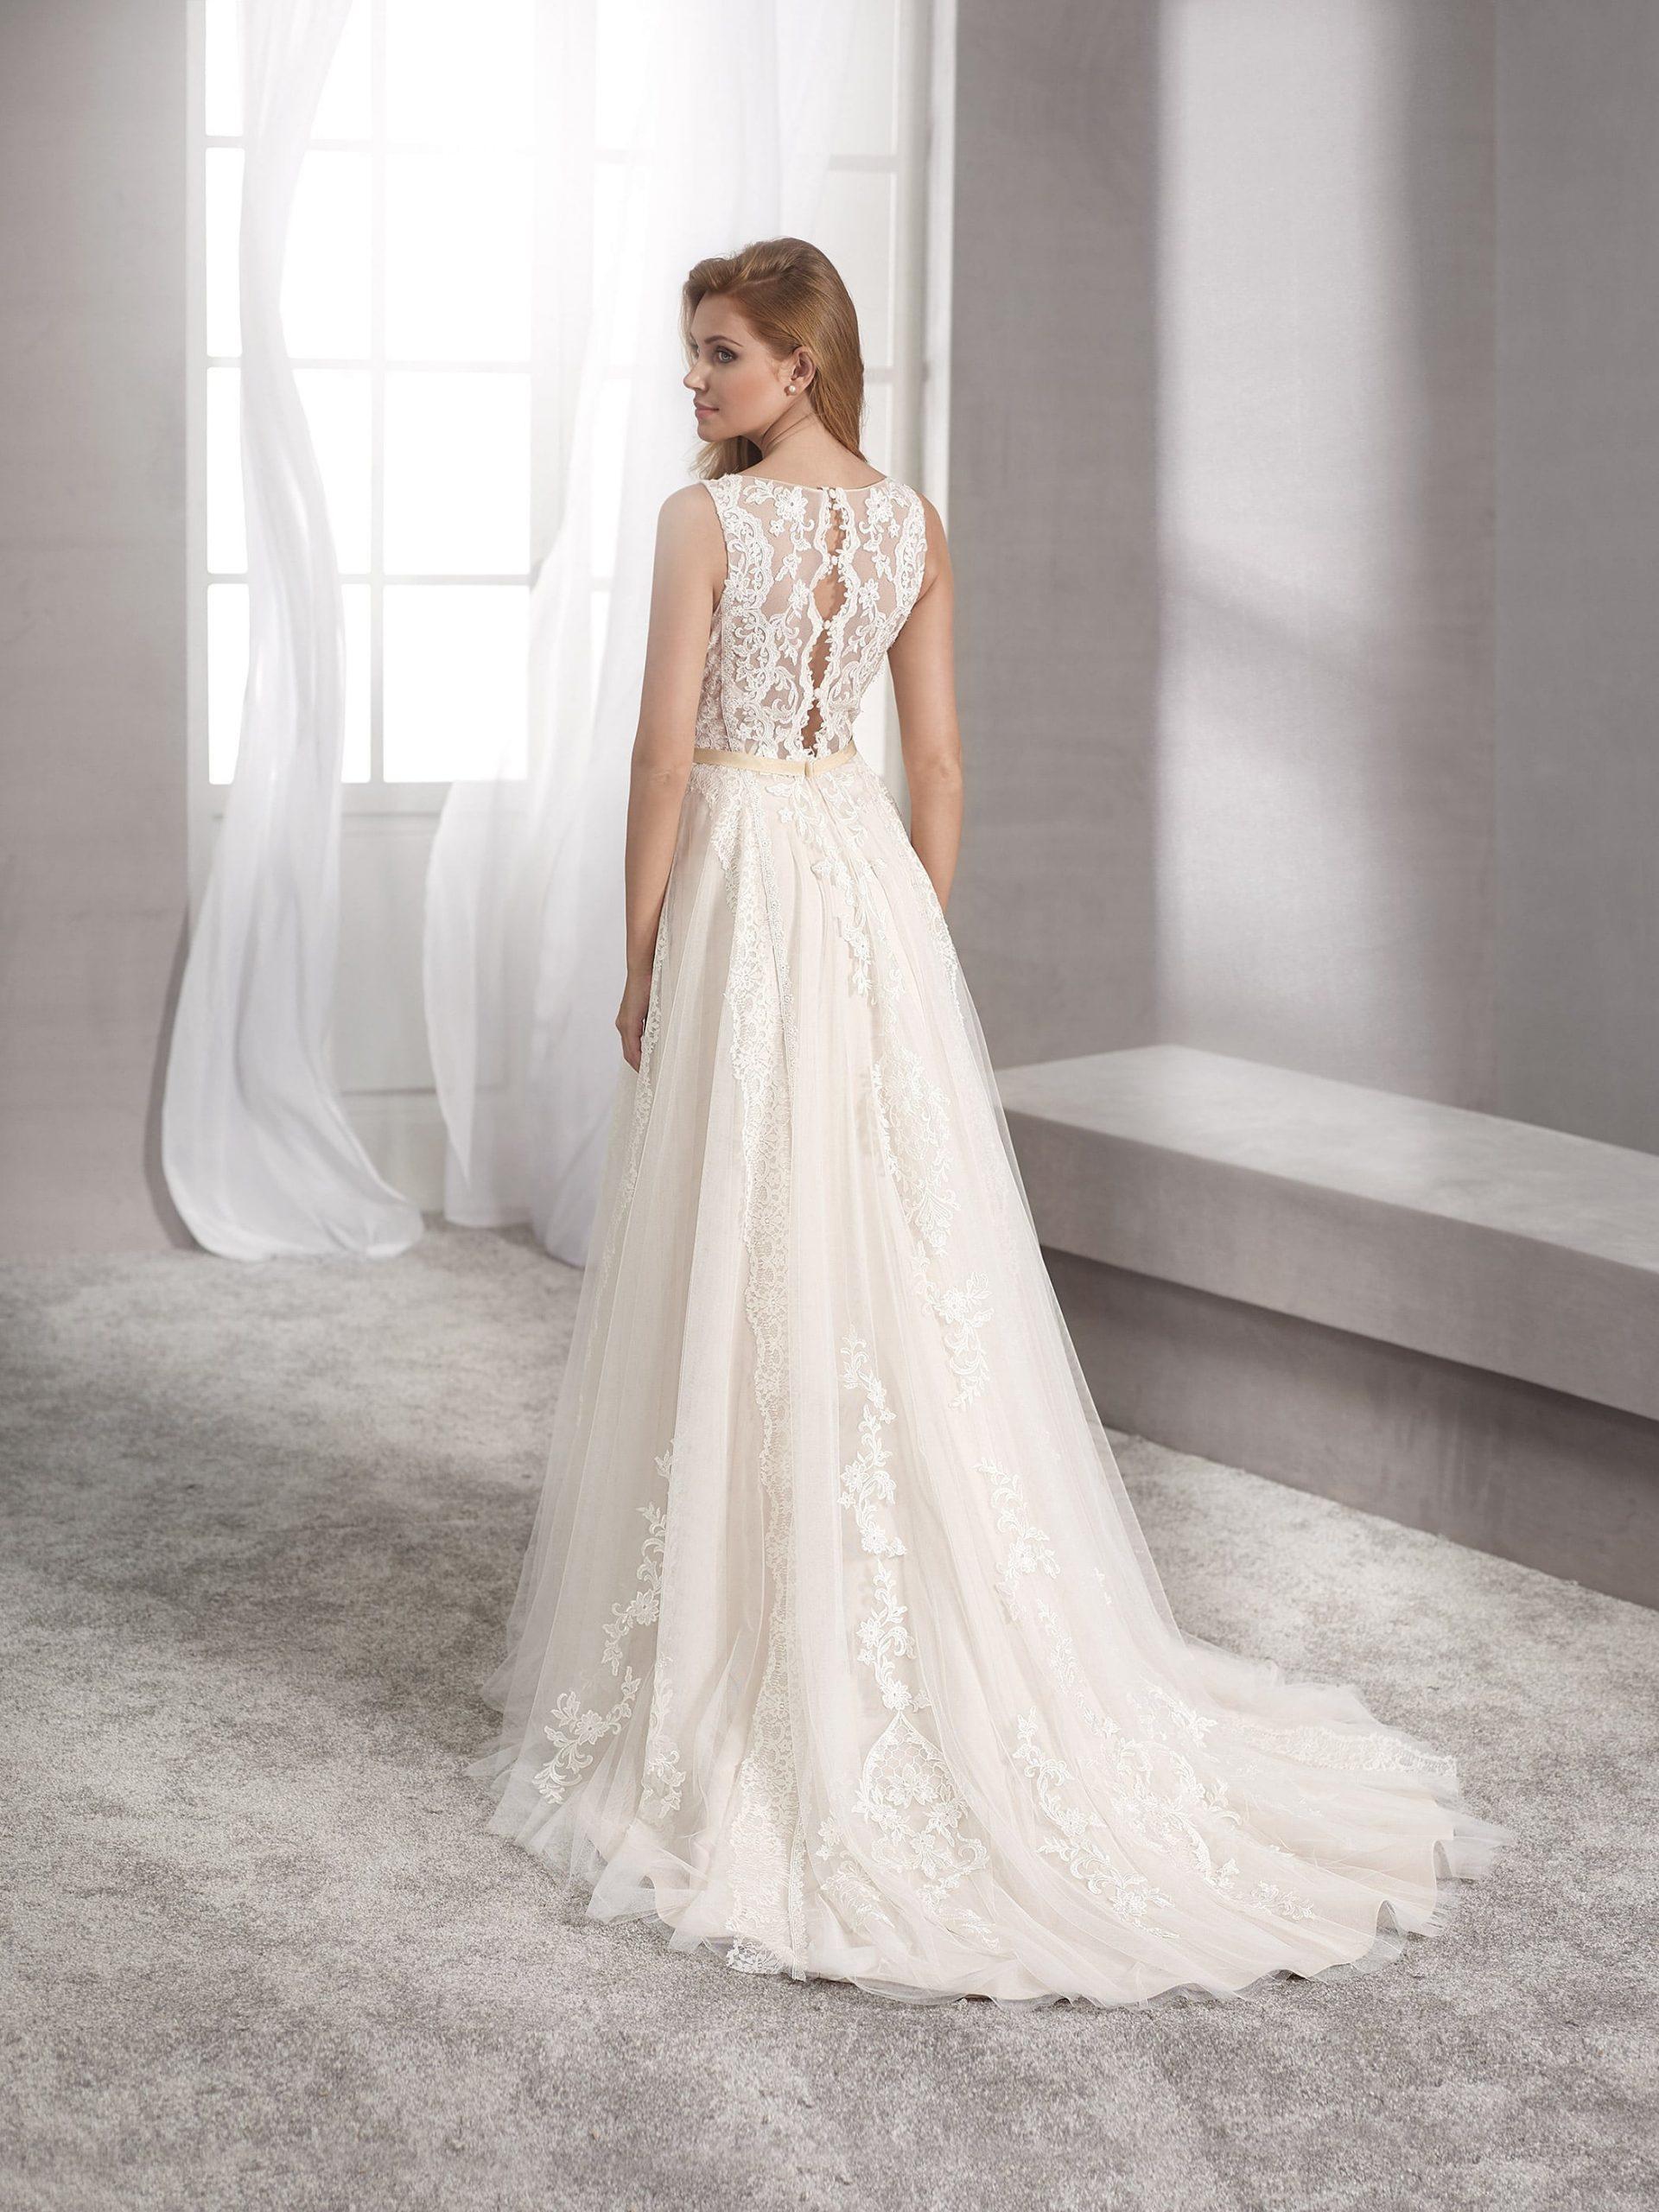 Festliche Kleidung Zur Hochzeit Als Gast  Kleider Für